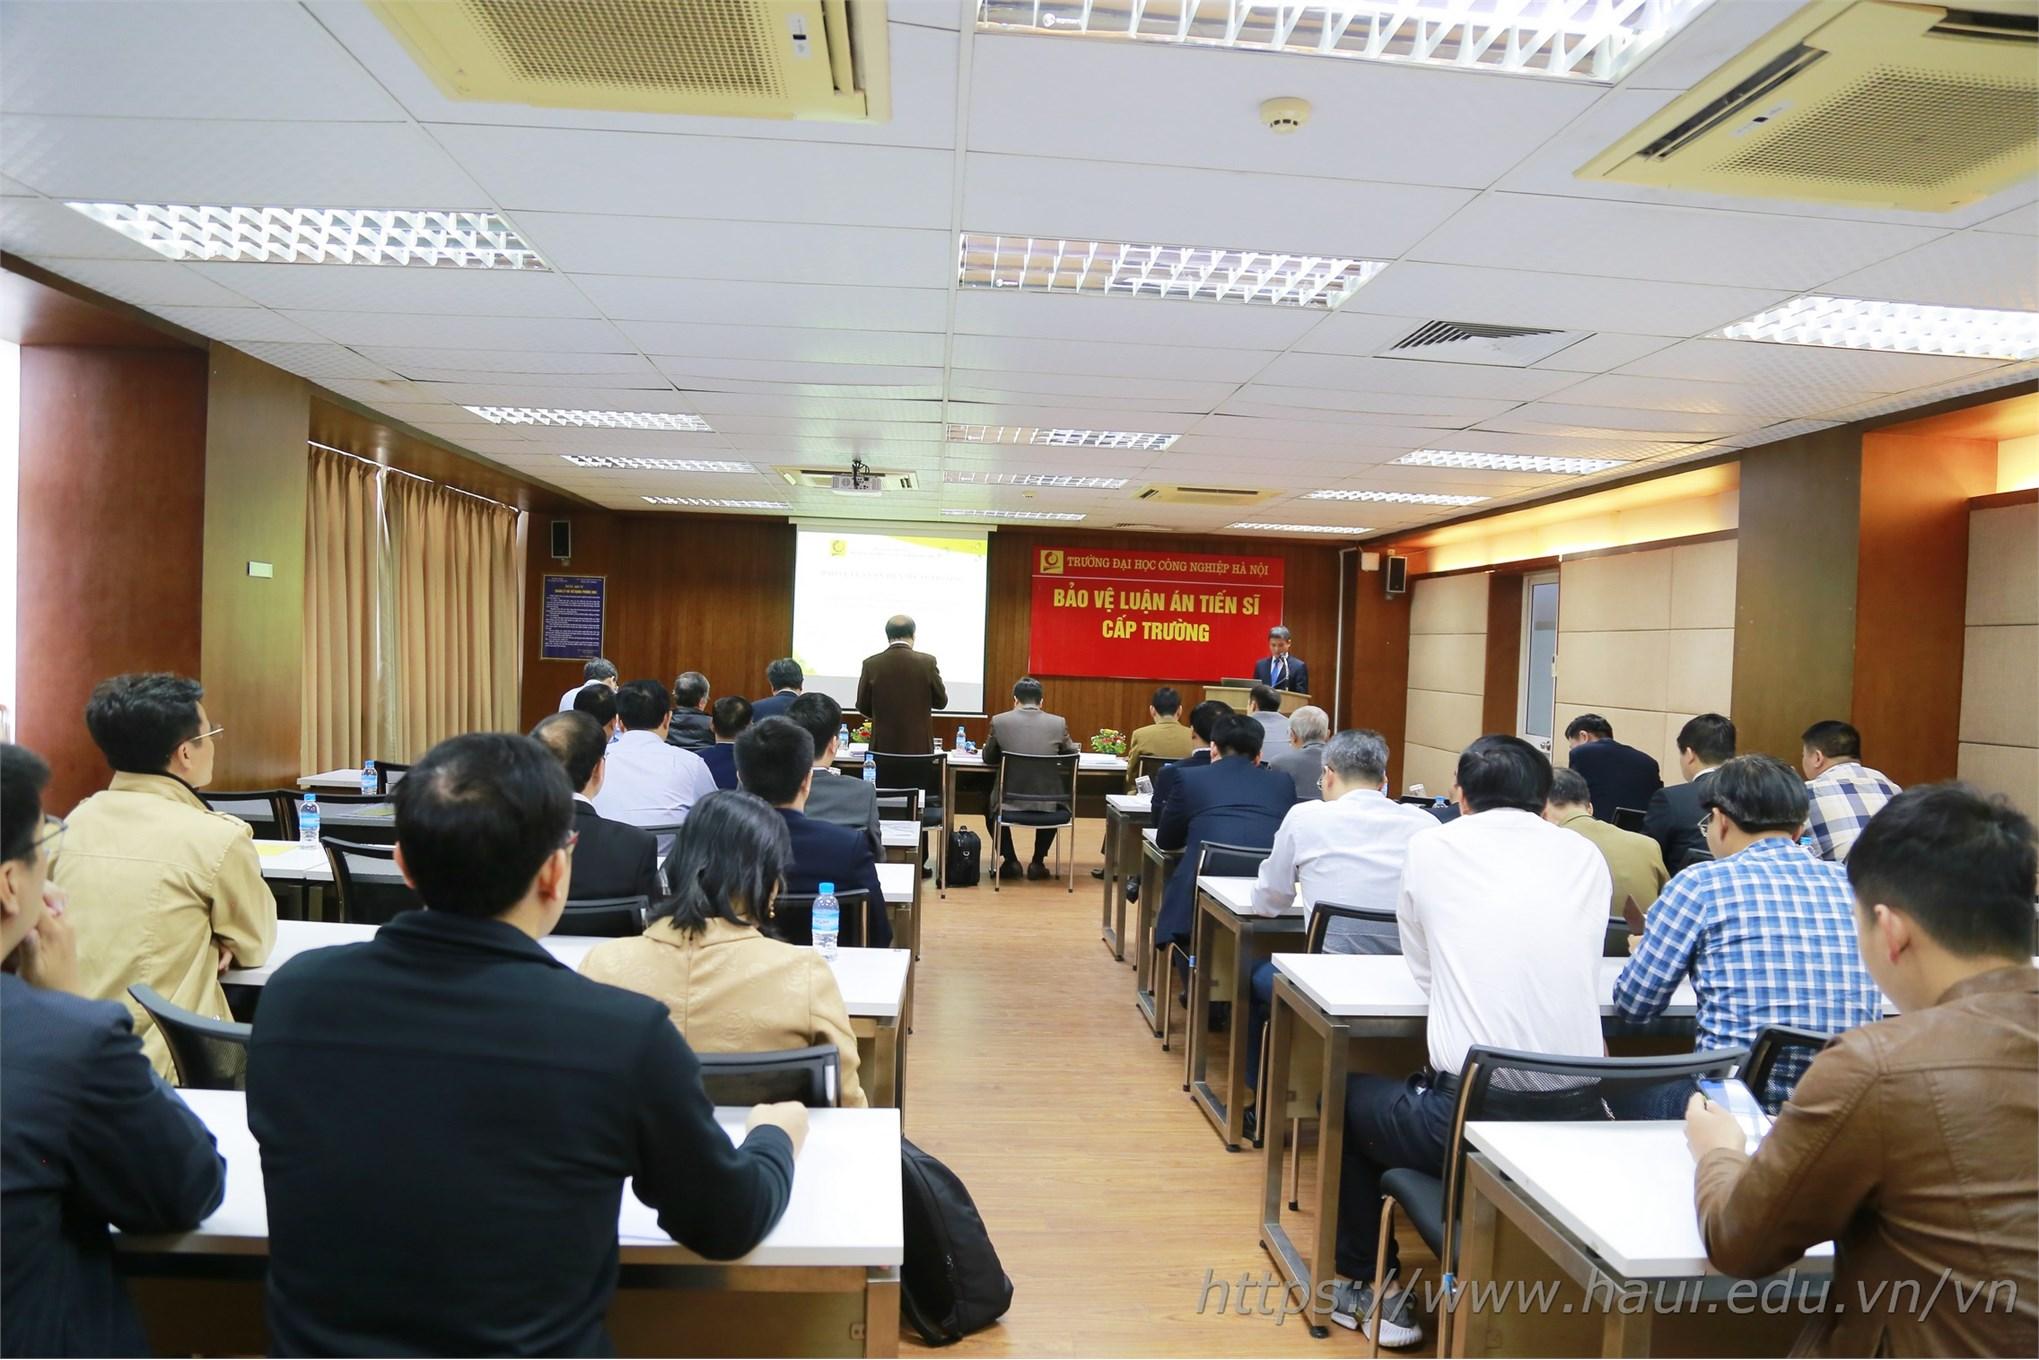 Toàn cảnh buổi bảo vệ Luận án Tiến sĩ của NCS Nguyễn Văn Đức tại ĐHCNHN